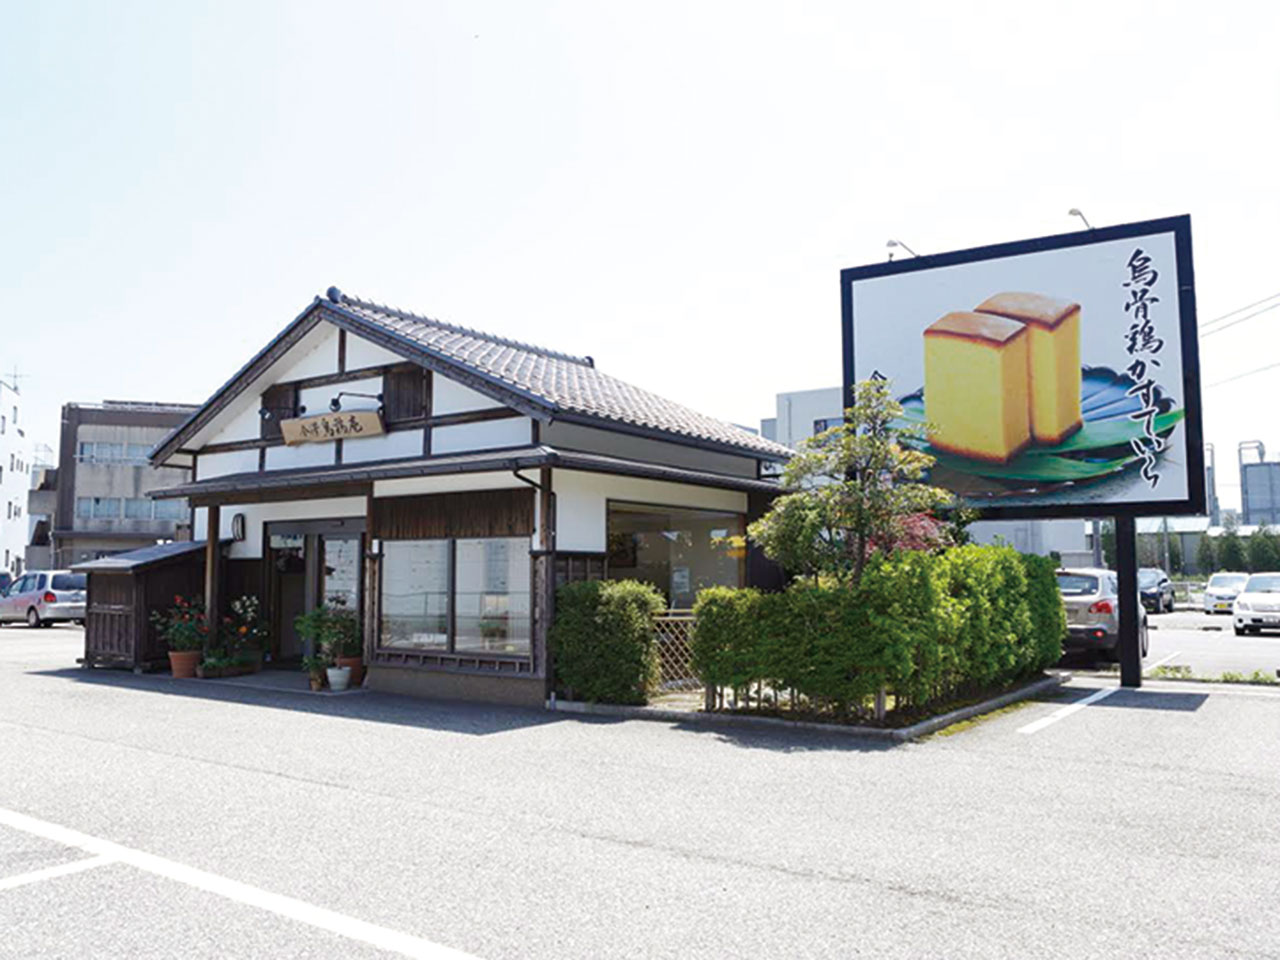 烏鶏庵 本店のイメージ